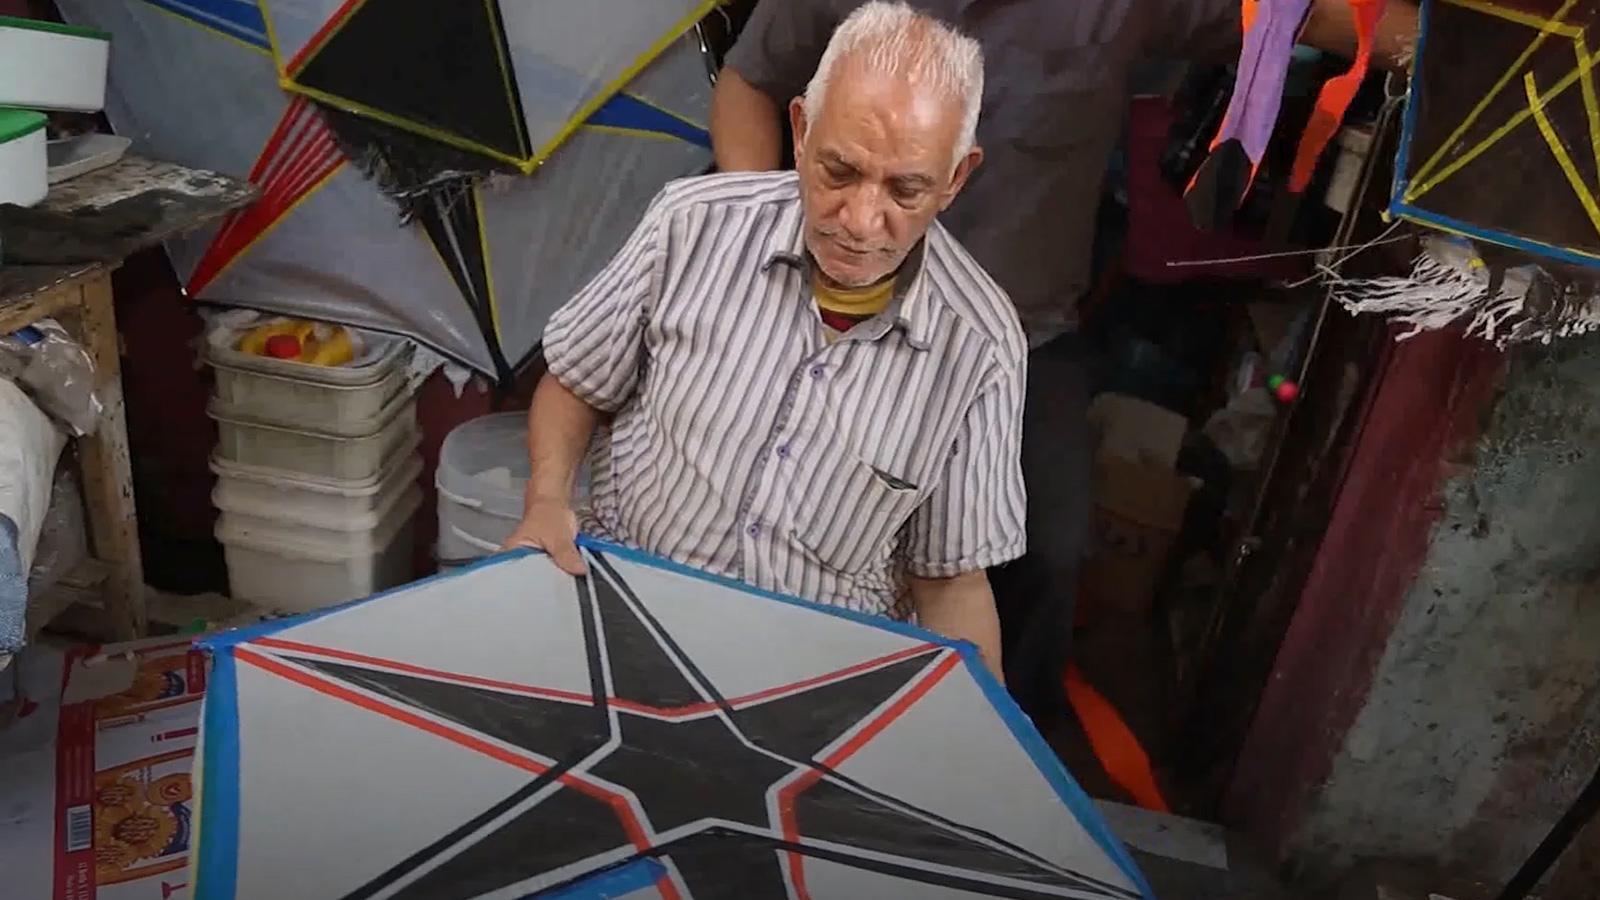 في مصر الطائرات الورقية رزق للكبار وفرحة للصغار